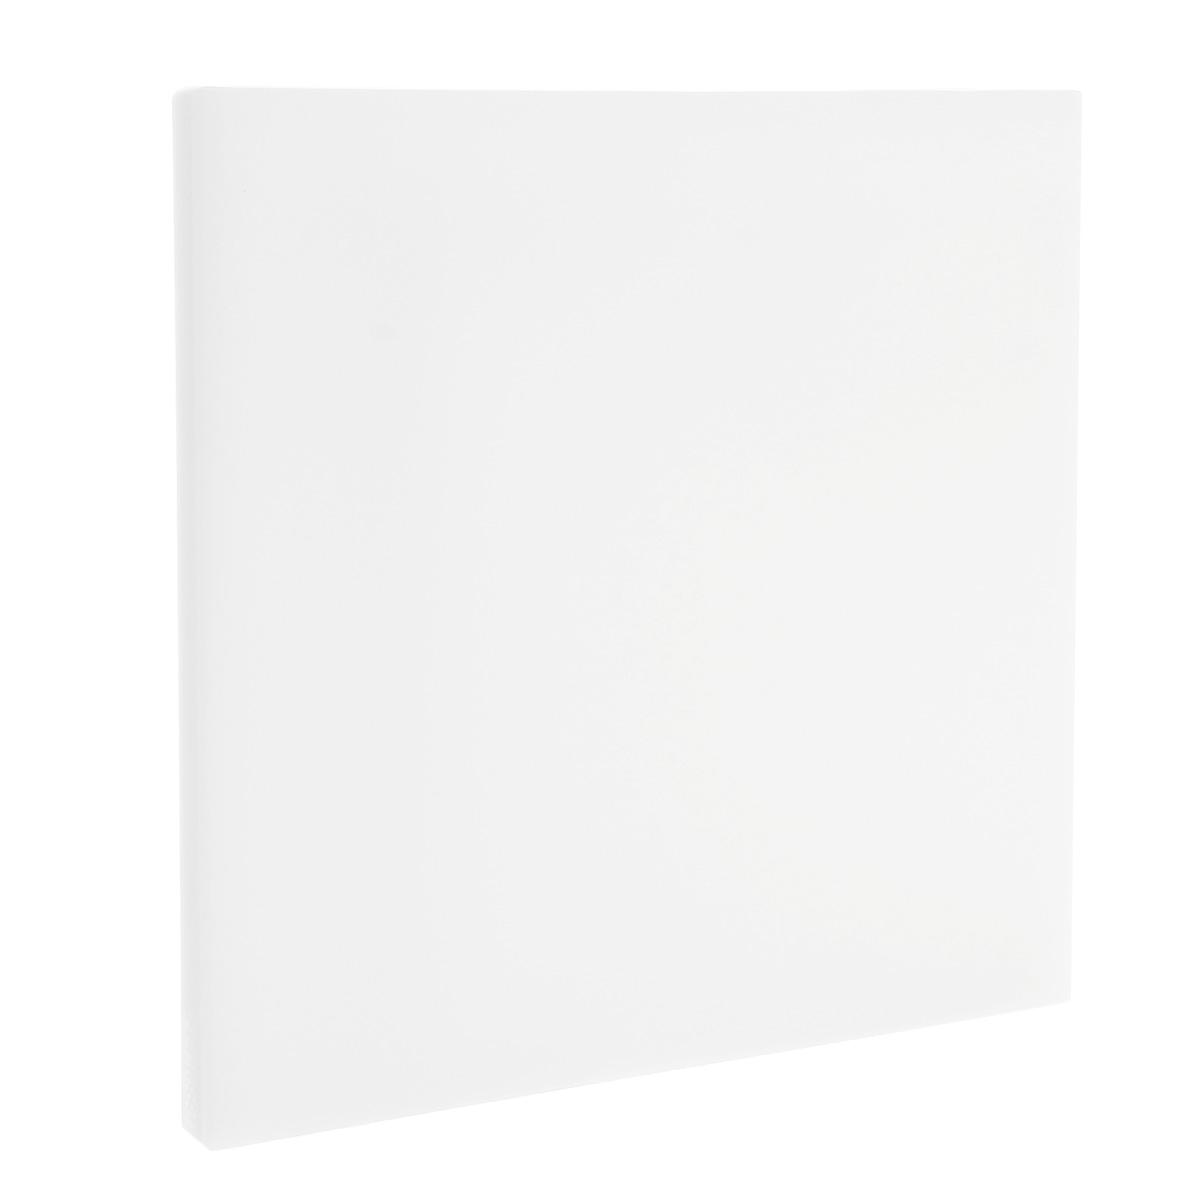 Доска разделочная Zanussi, цвет: белый, 35 см х 35 смZIH31110CFРазделочная доска Zanussi изготовлена из высококачественного пластика высокой плотности, что обеспечивает превосходную стойкость к химическим веществам, износу и влаге. Текстурированная поверхность удерживает пищу на месте, не давая ей скользить. Простота в использовании, надежность, безопасность и незначительная потребность в уходе. Ножи не теряют остроты при резке на разделочной доске. Обе поверхности доски рабочие. Это сокращает риск перекрестного бактериального загрязнения при приготовлении пищи. Простота чистки и пригодность для мойки в посудомоечной машине. Не ставьте на доску тяжелые или горячие предметы.